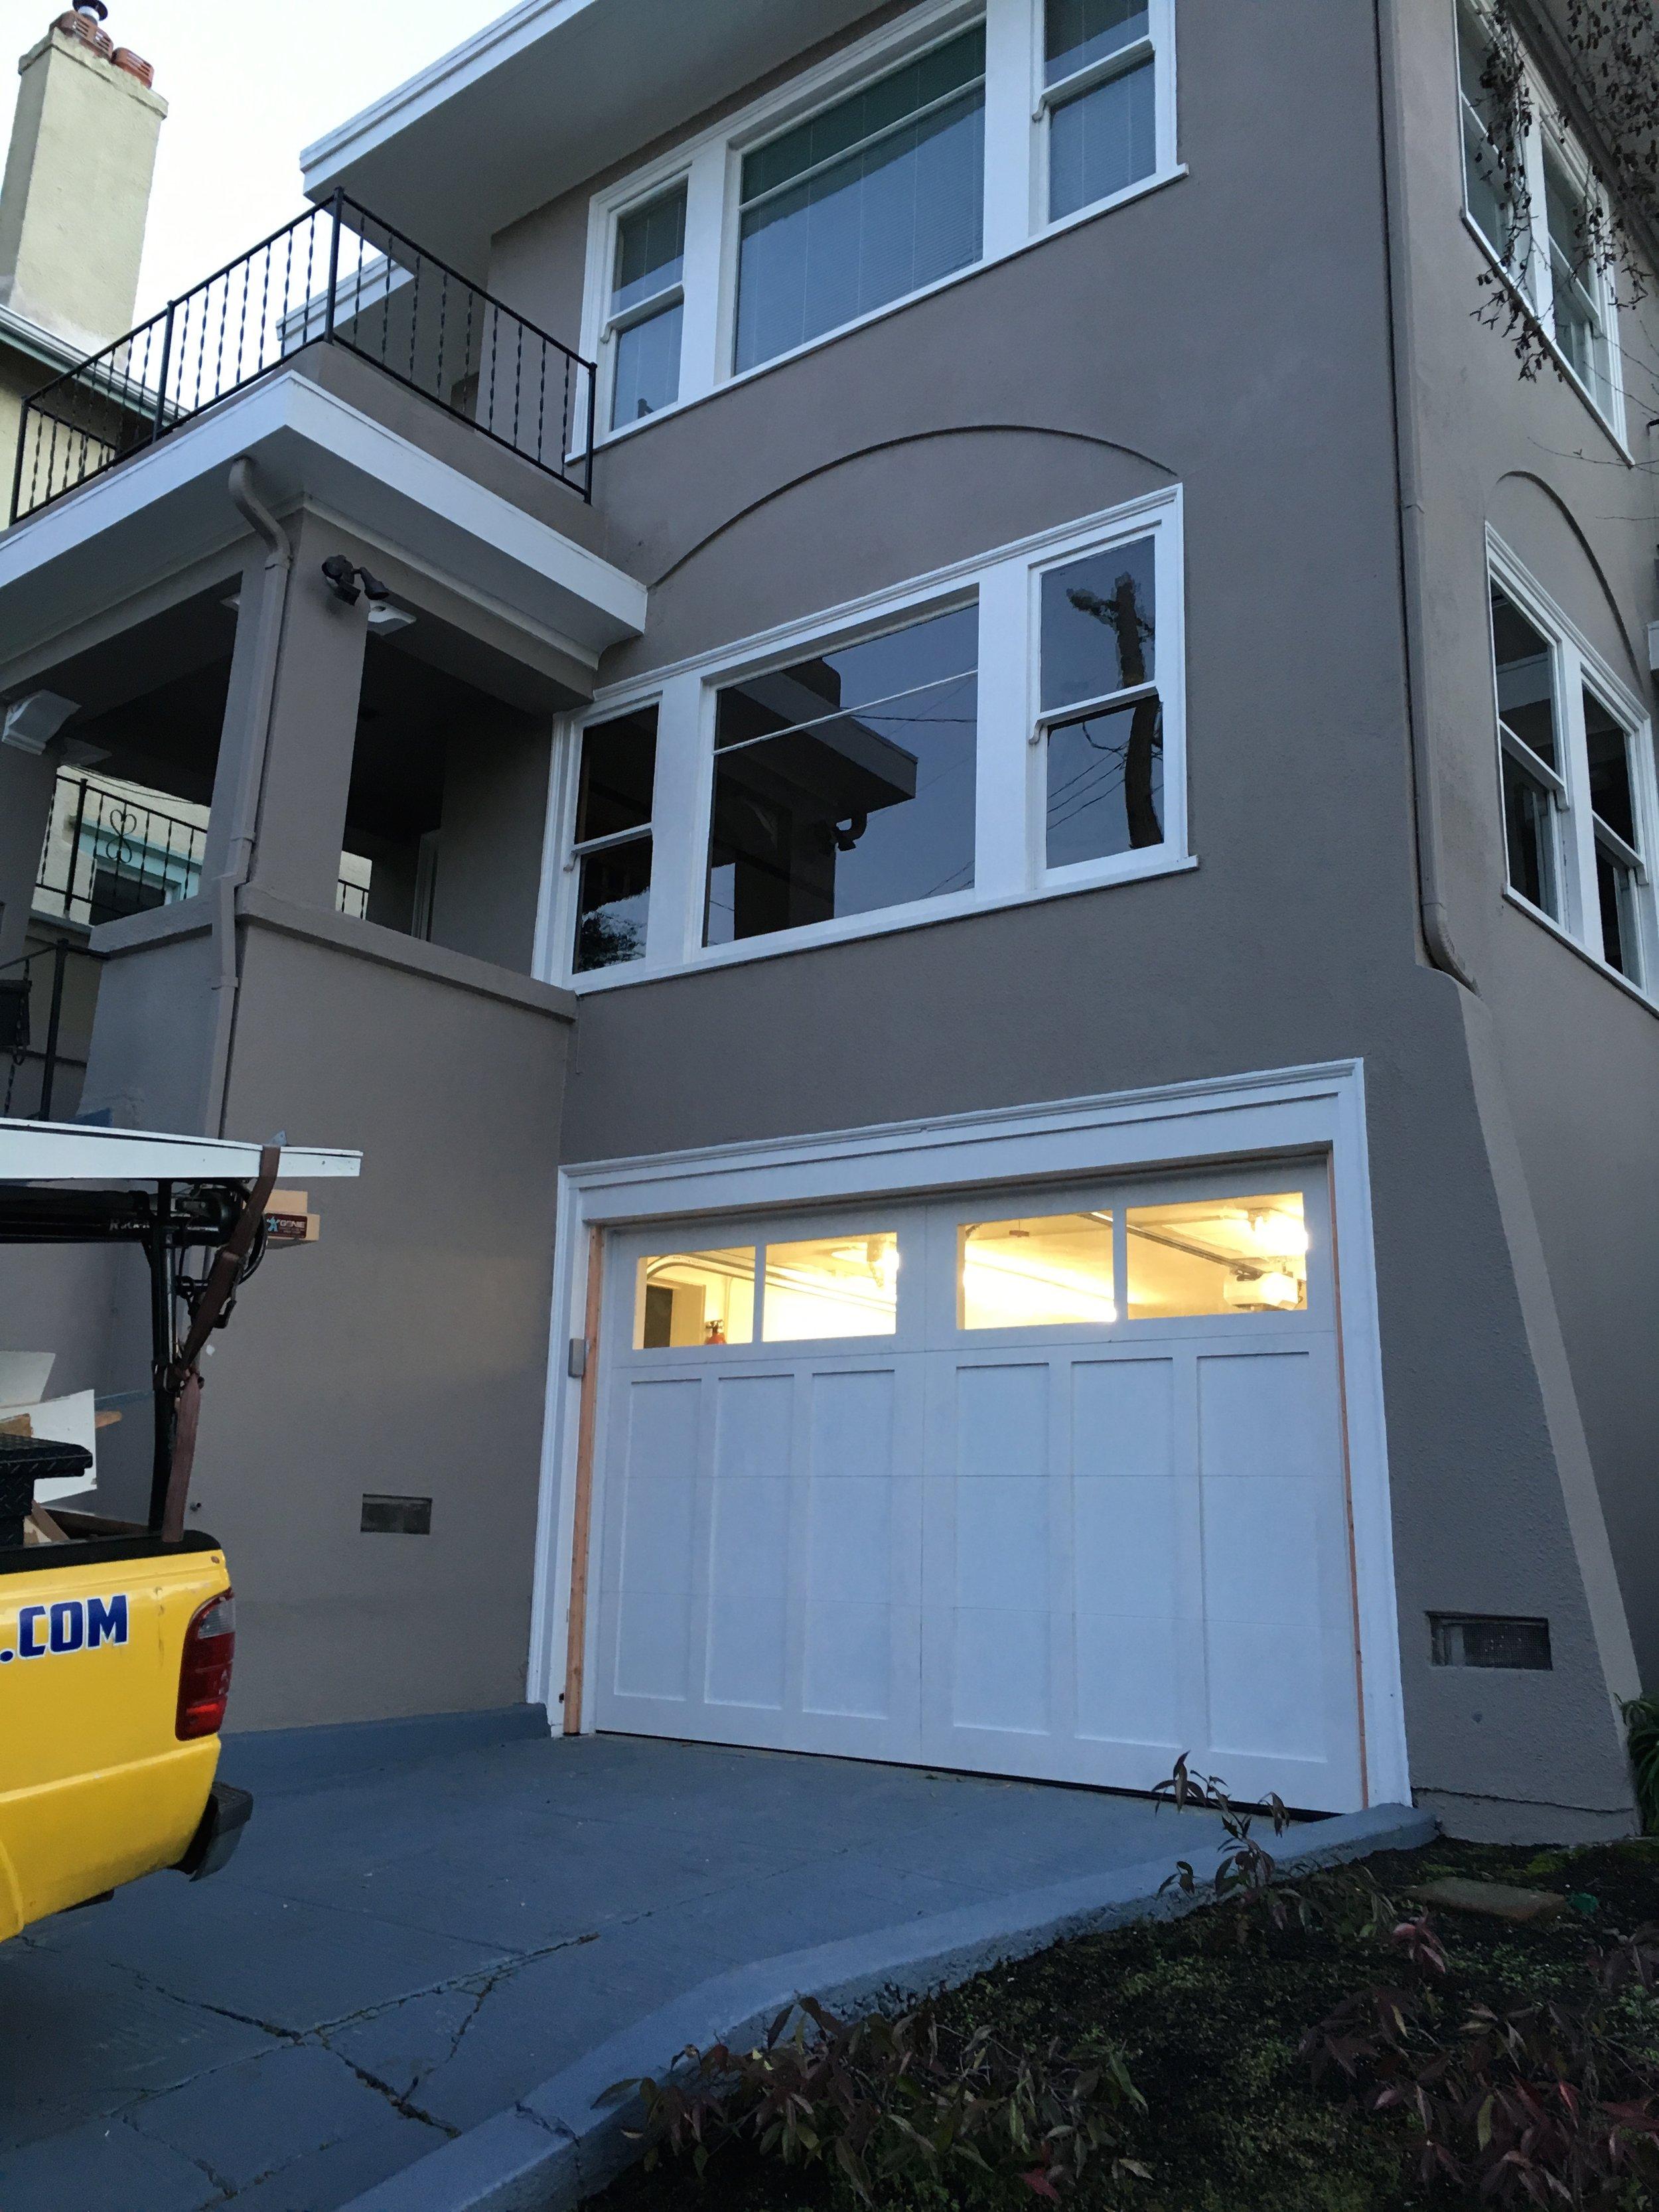 all bay garage doors - carriage house garage door - kevin chervatin - 21.jpg